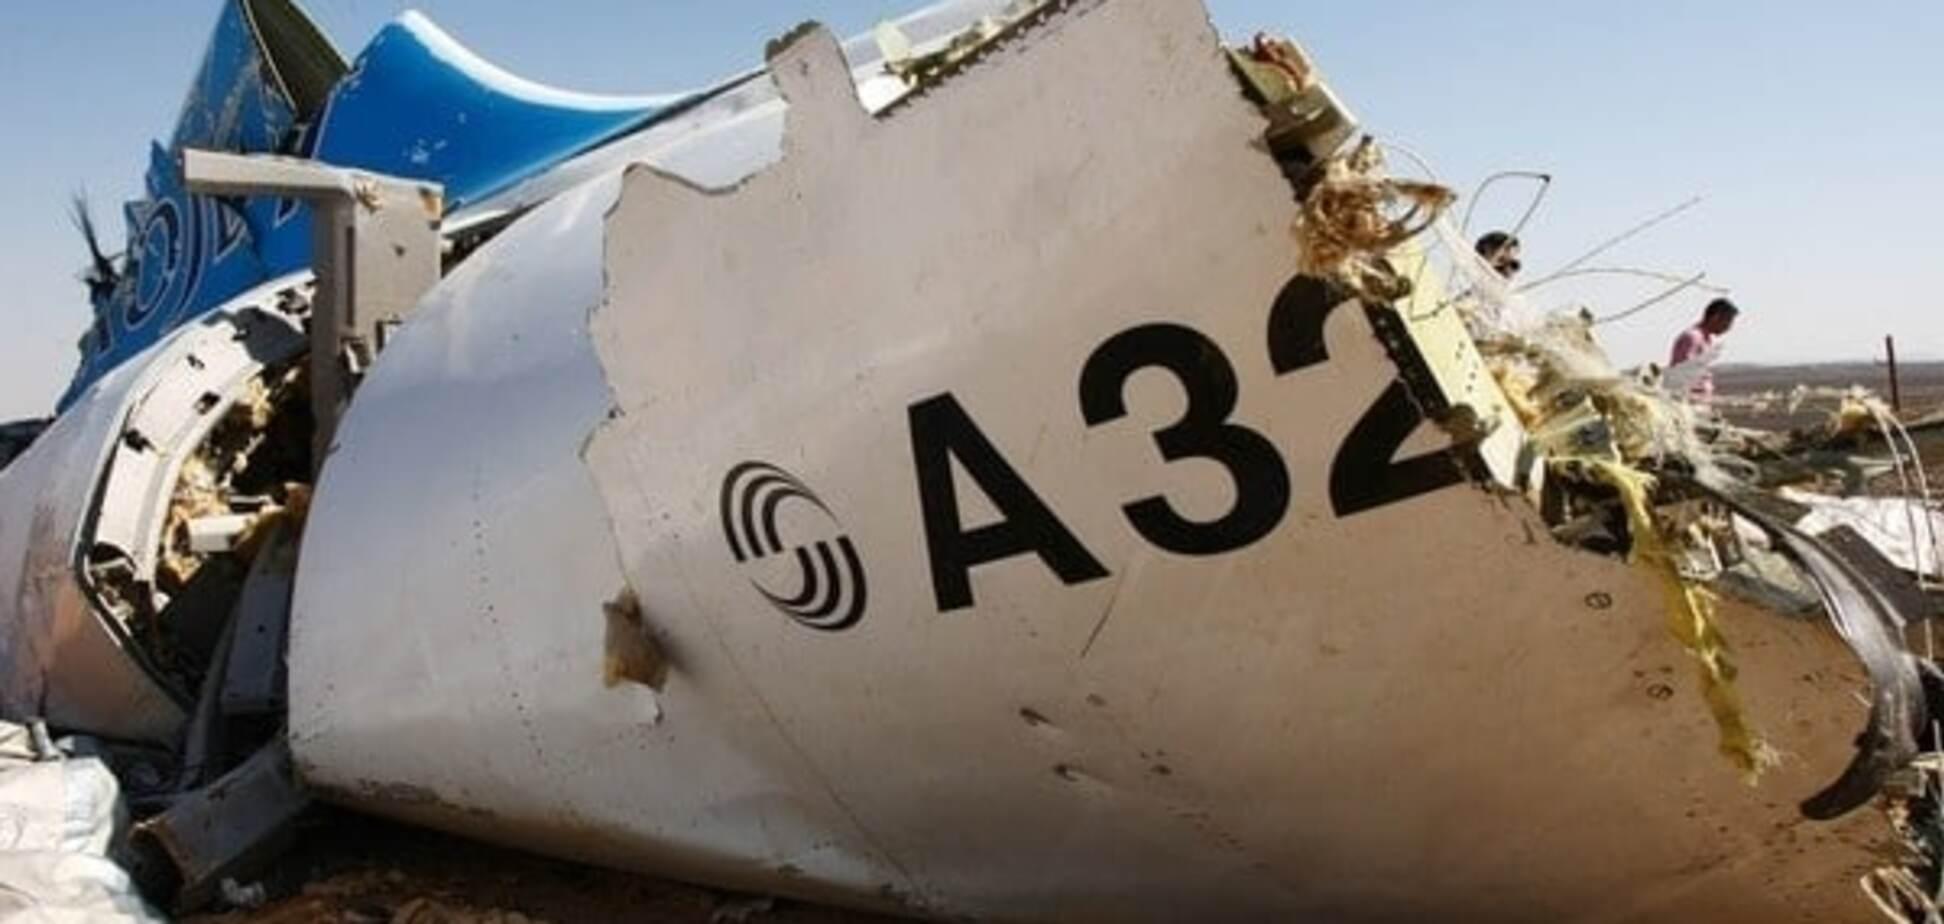 СМИ: Россия обвинила Турцию в крушении A321